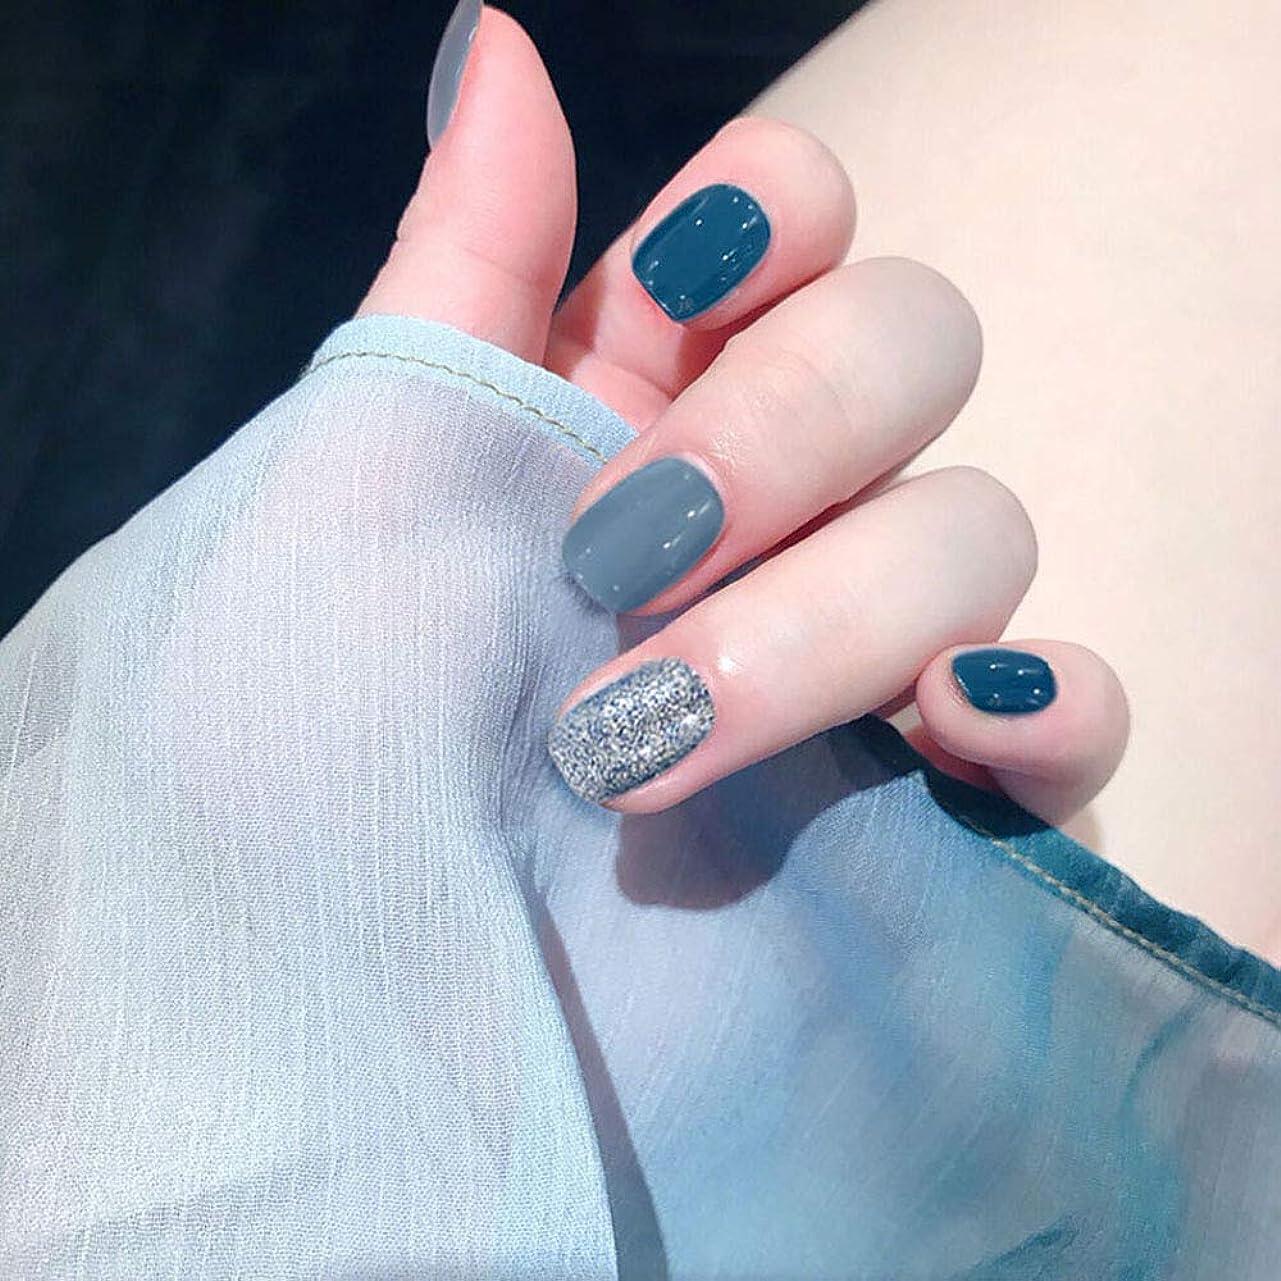 インシュレータオーガニック防止XUTXZKA ショートサイズフルカバーネイルのヒント女性ファッション偽ネイルブルーカラーネイルネイル